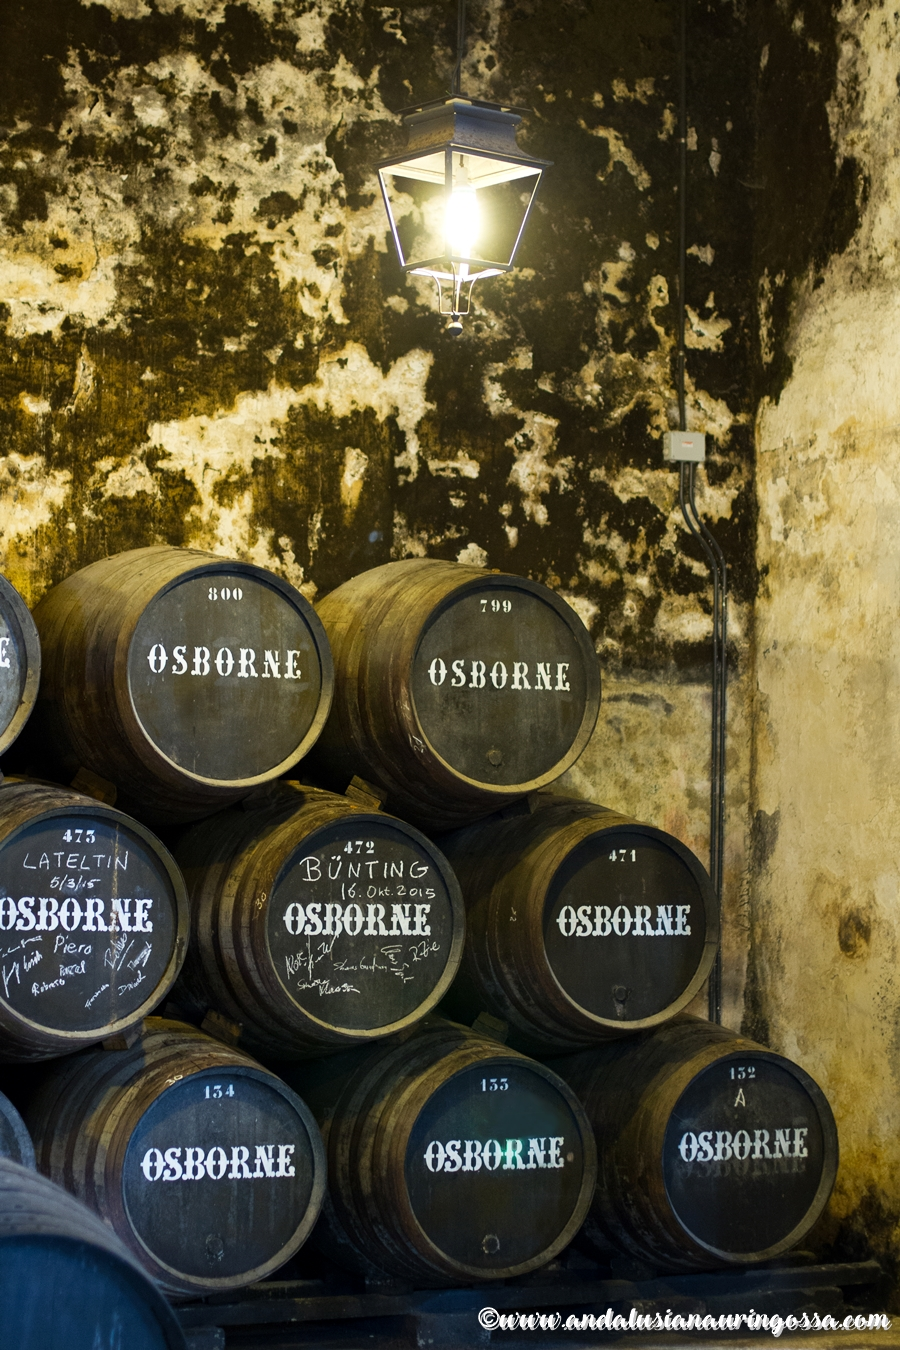 Andalusian auringossa_ruokablogi_viiniblogi_matkablogi_Osborne_sherry_El Puerto de Santa Maria